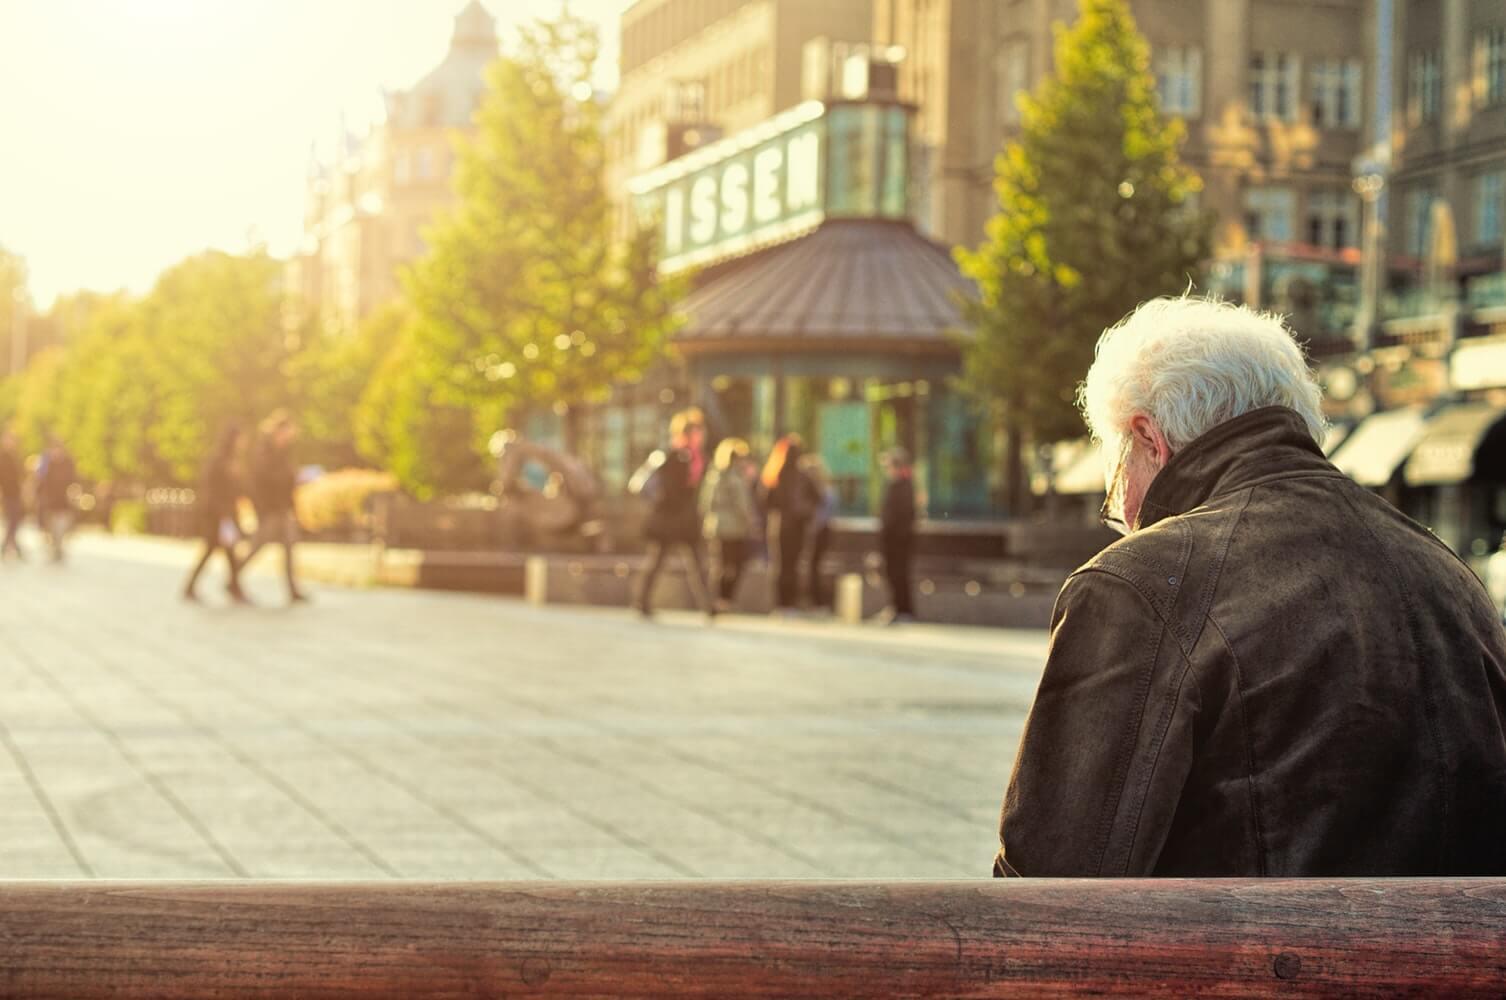 Umirovljenicima su ukrali: Putovanja, zdravlje, kvalitetu života, priliku da čine dobra djela…